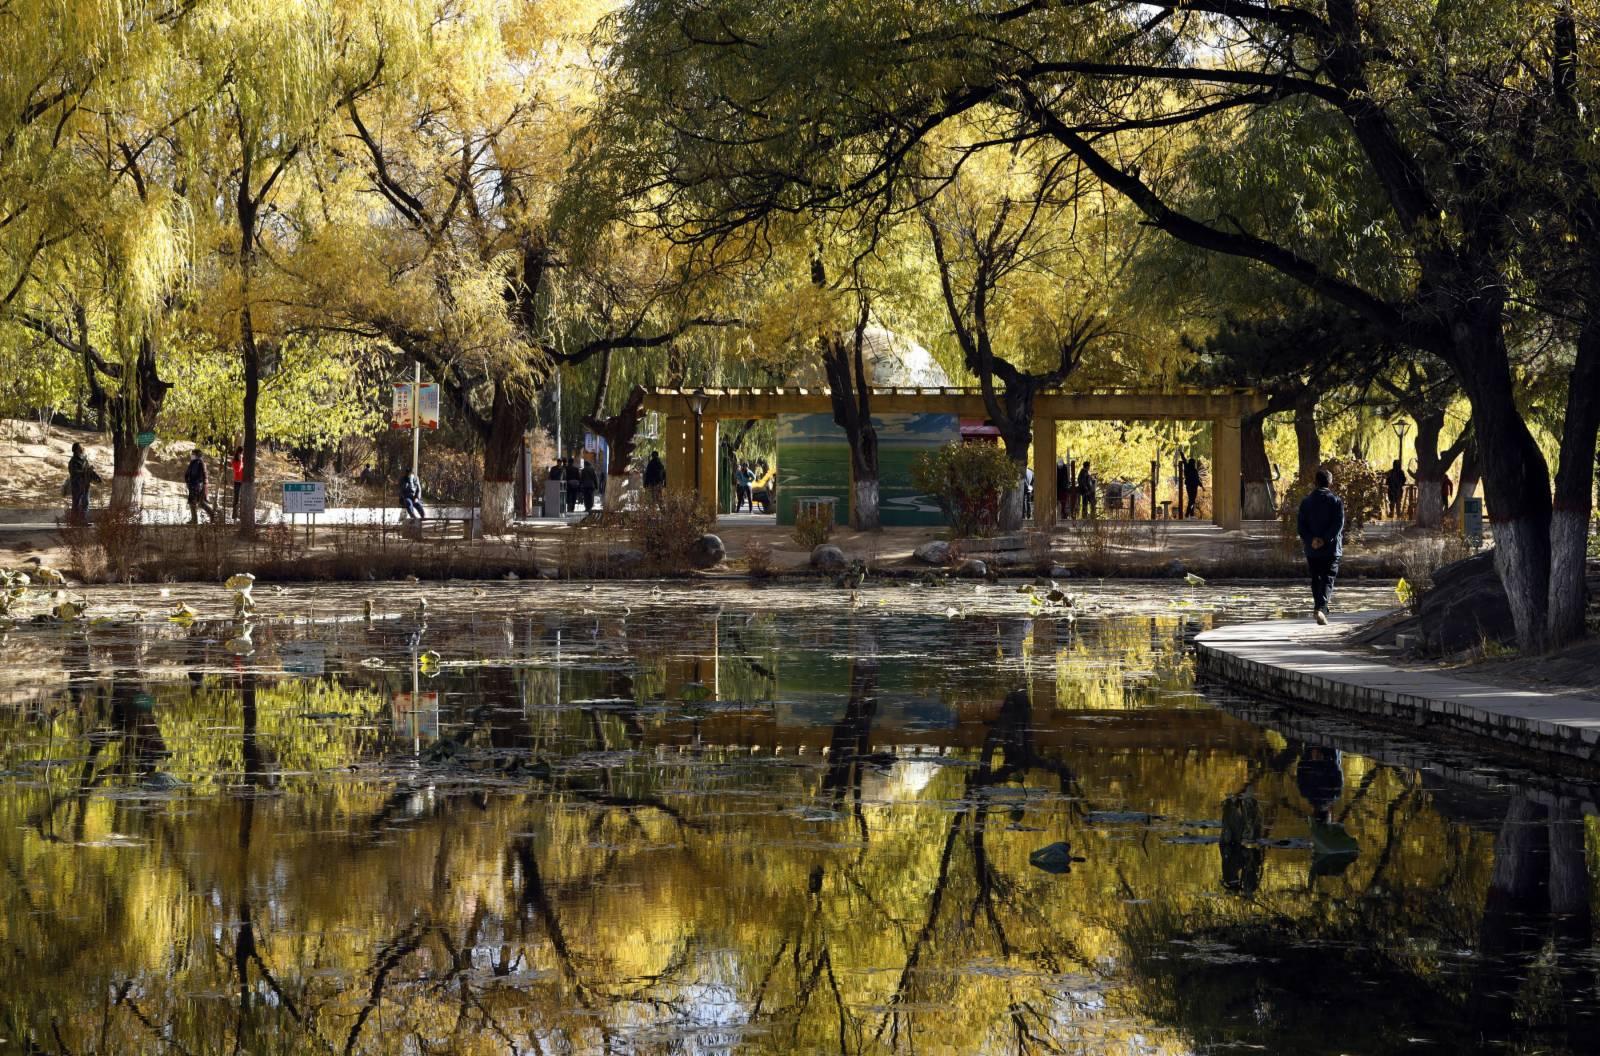 10月23日,霜降時節,呼和浩特市滿都海公園秋色濃郁,美景滿目。(新華社)